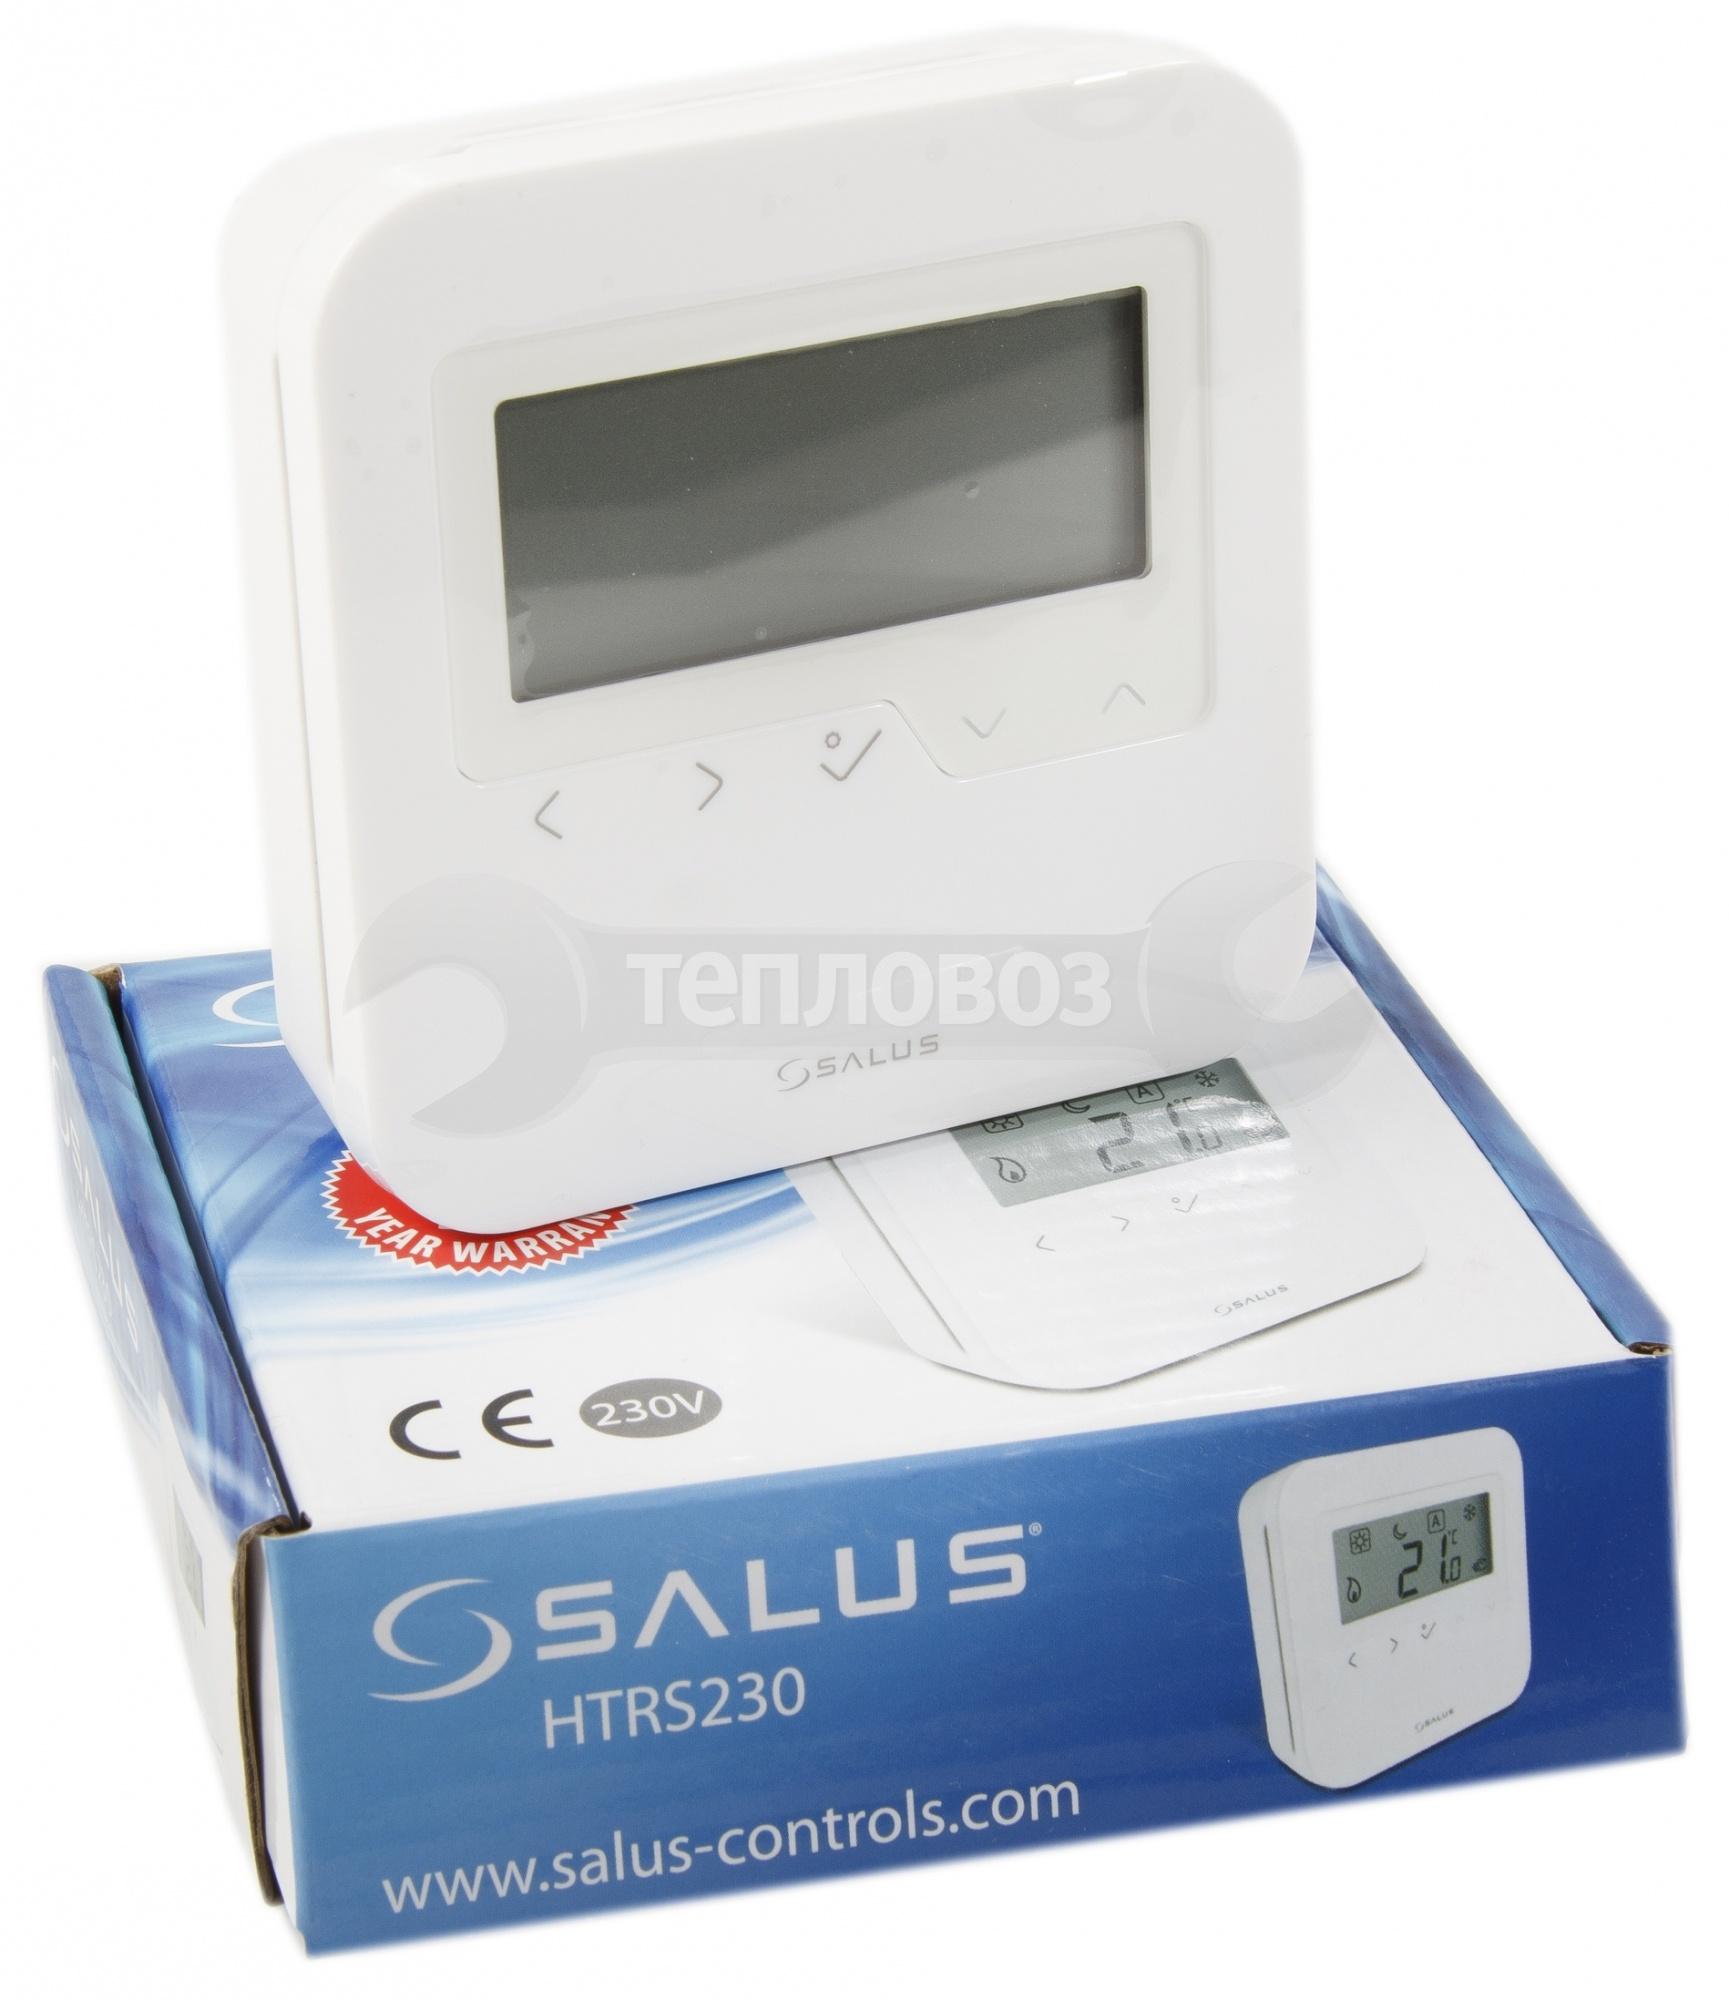 Salus HTRS230V 30